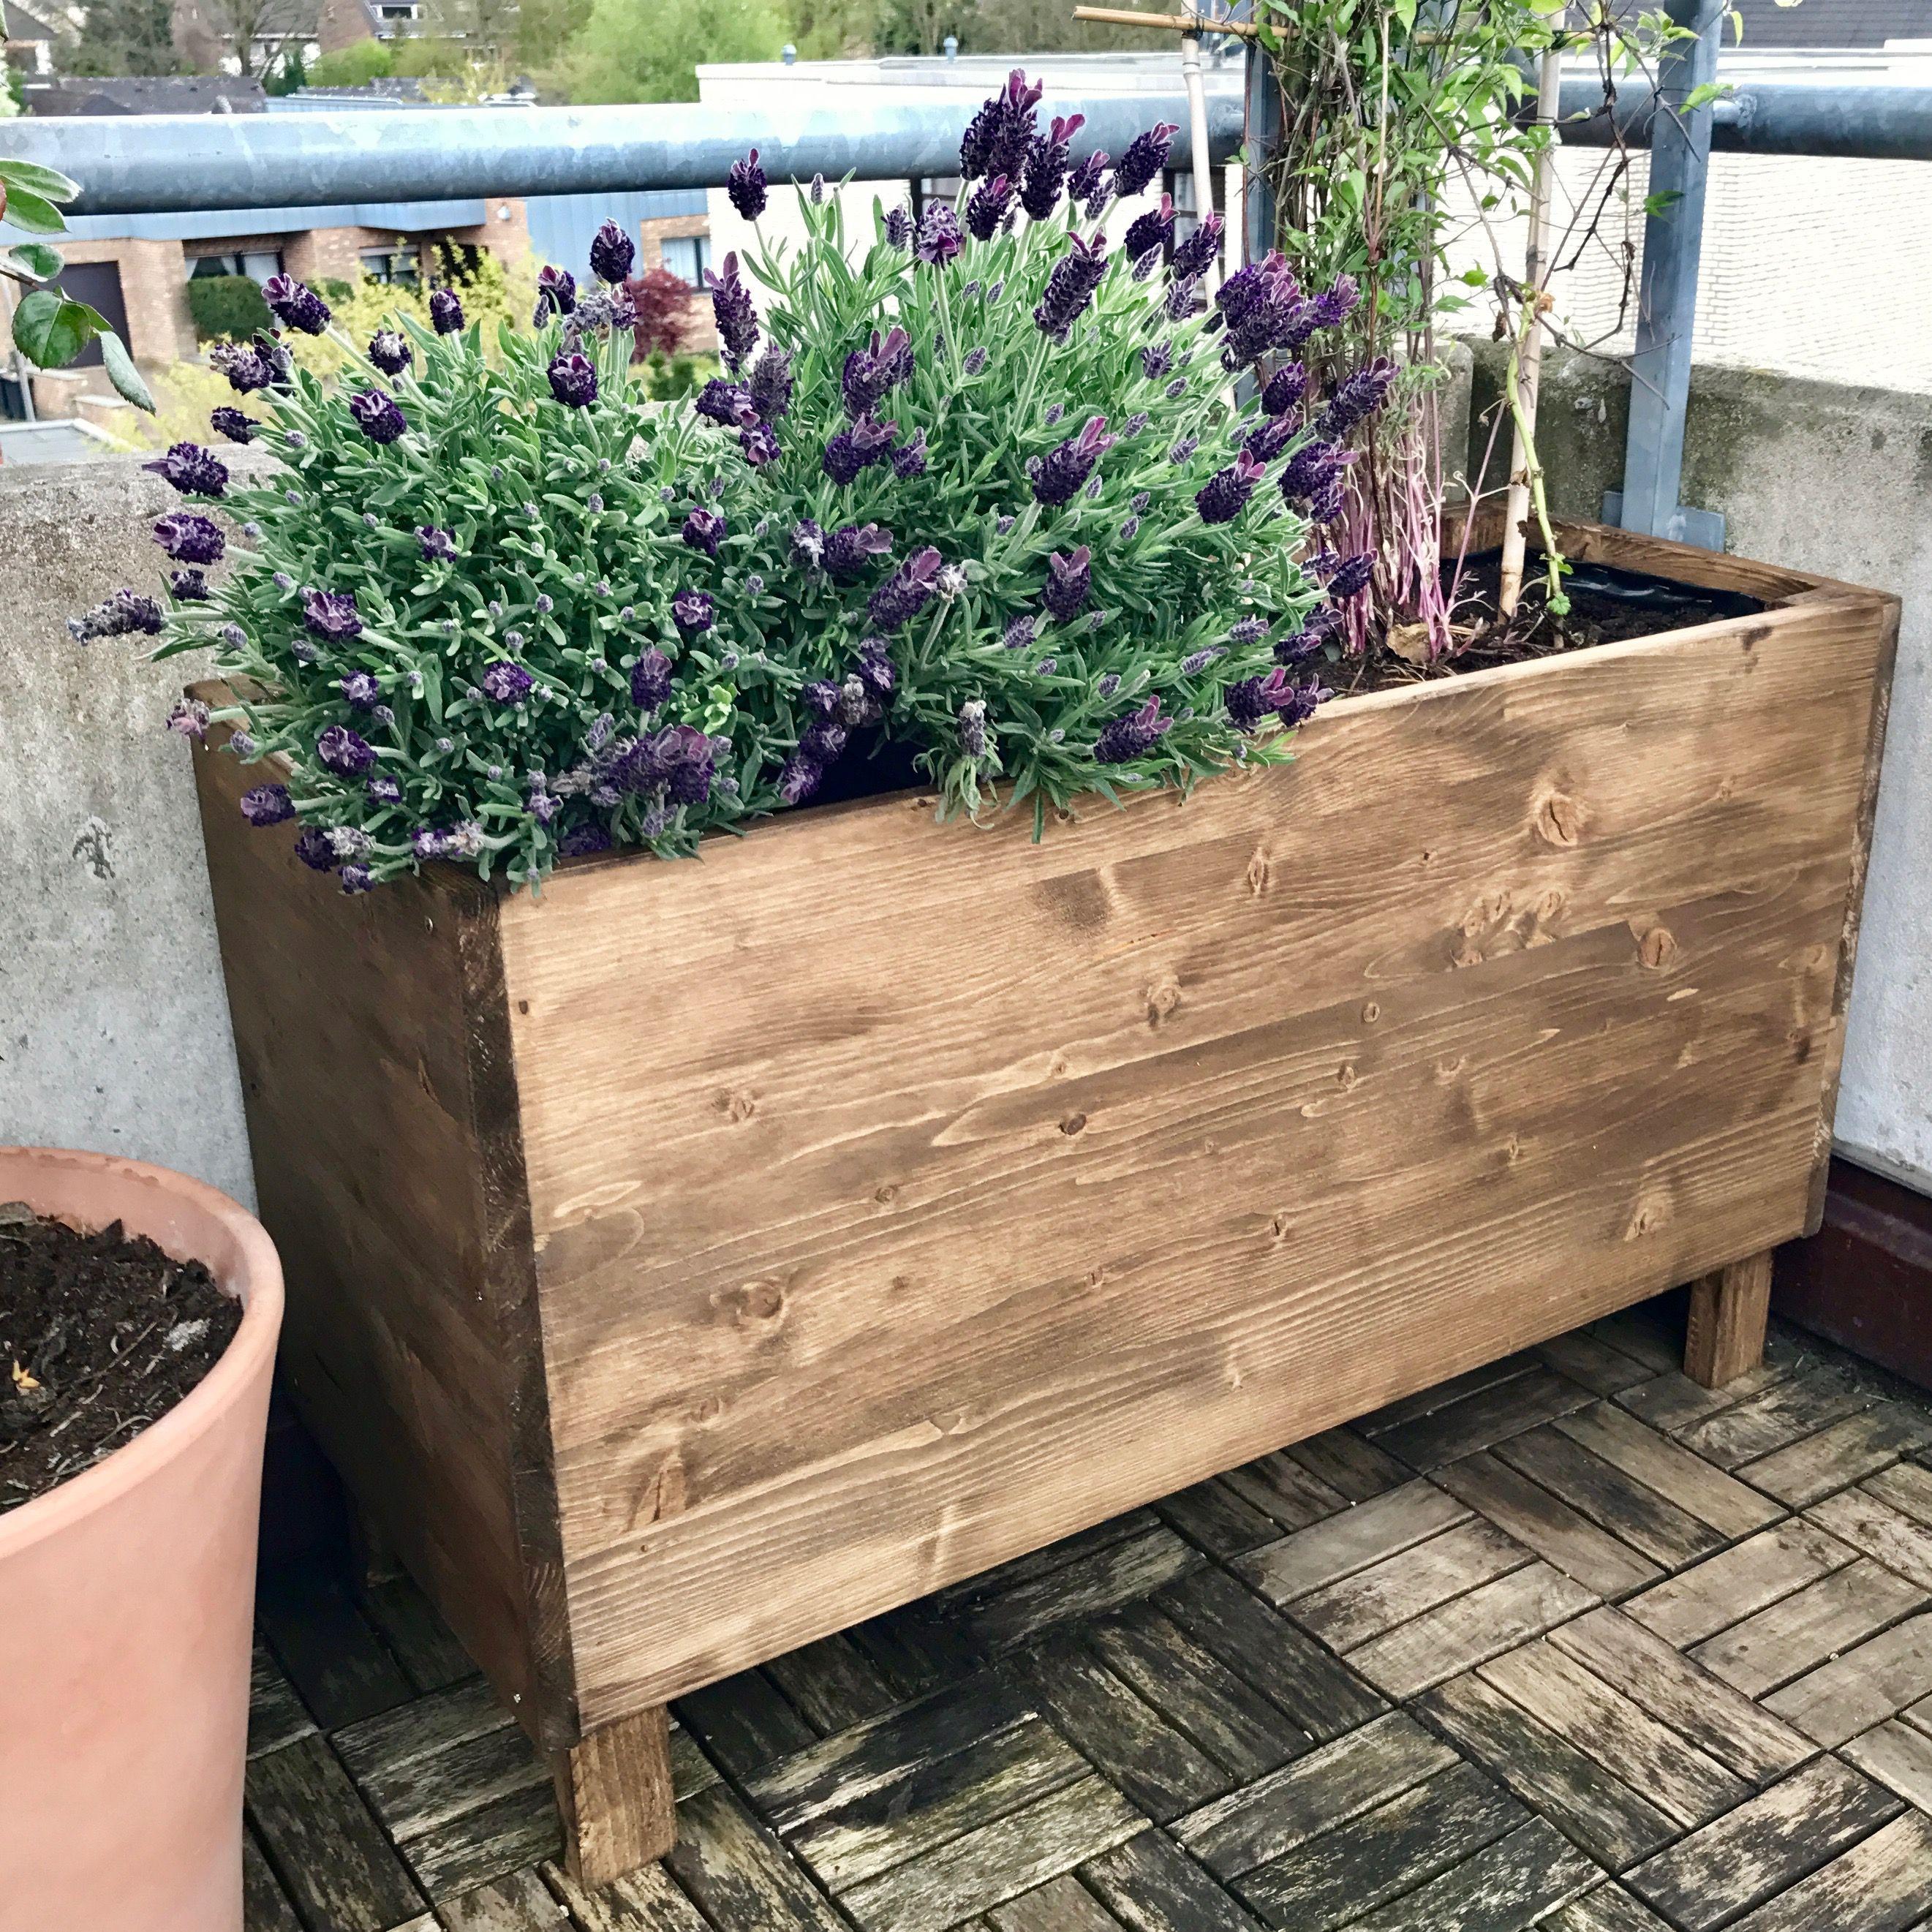 hochbeet terrasse selber bauen hochbeet aus holz selber bauen anleitung mit video obi. Black Bedroom Furniture Sets. Home Design Ideas